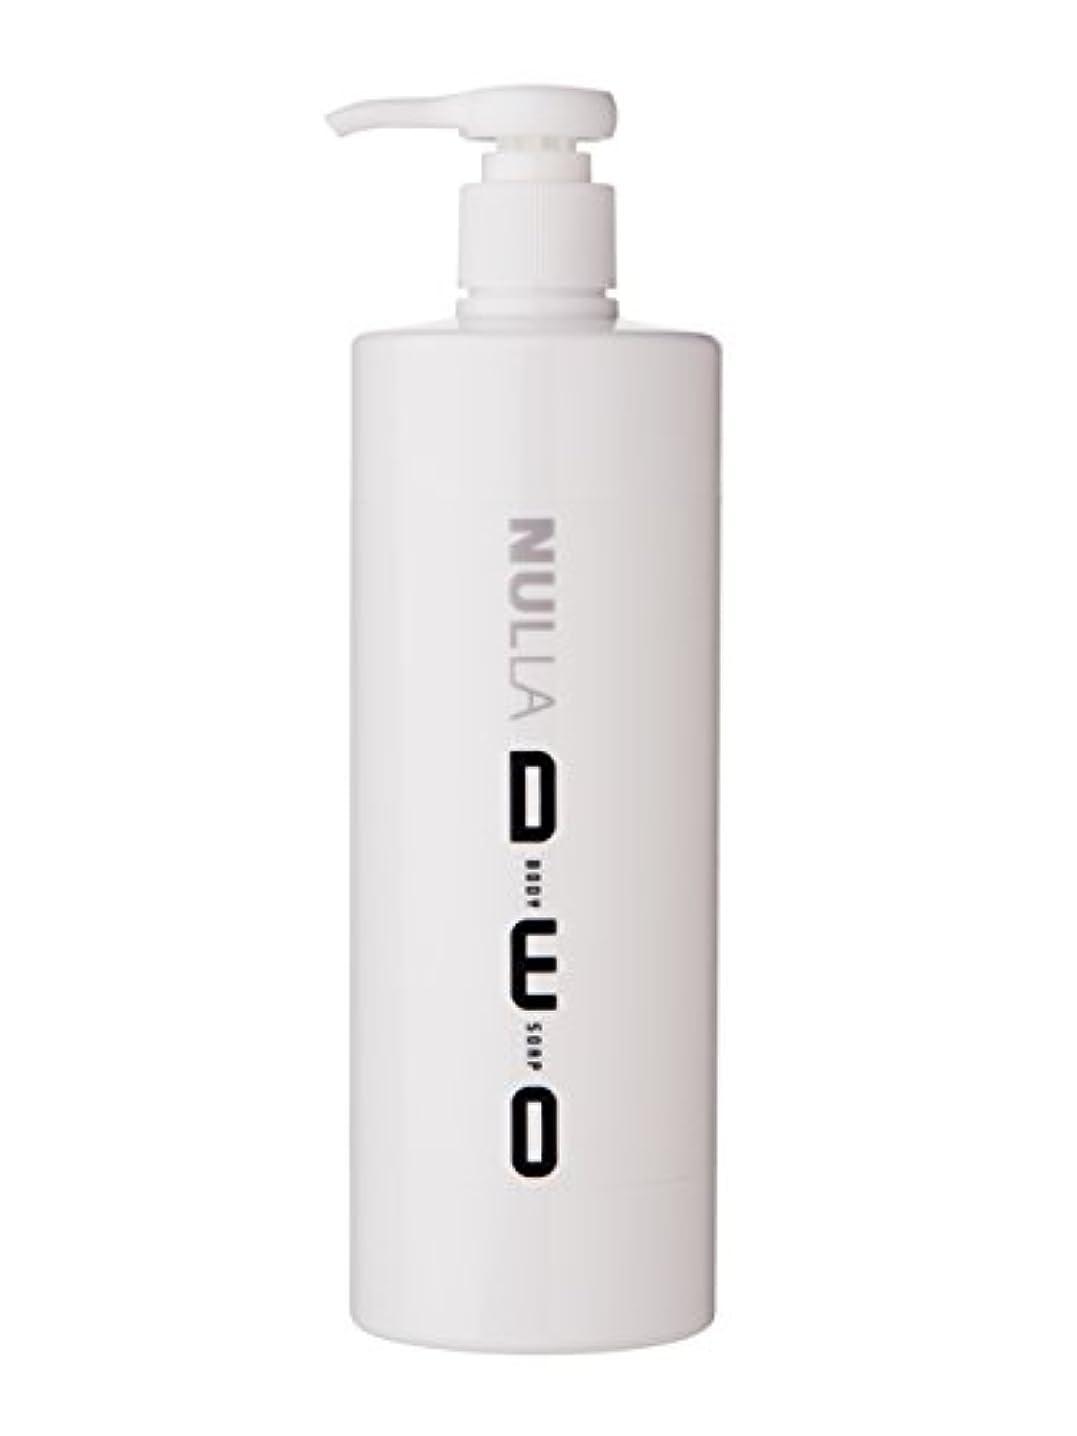 影のある入力遡るNULLA(ヌーラ) ヌーラデオ ボディソープ [ニオイ菌を抑制] 500ml 日本製 加齢臭 体臭 対策 シャボンの香り